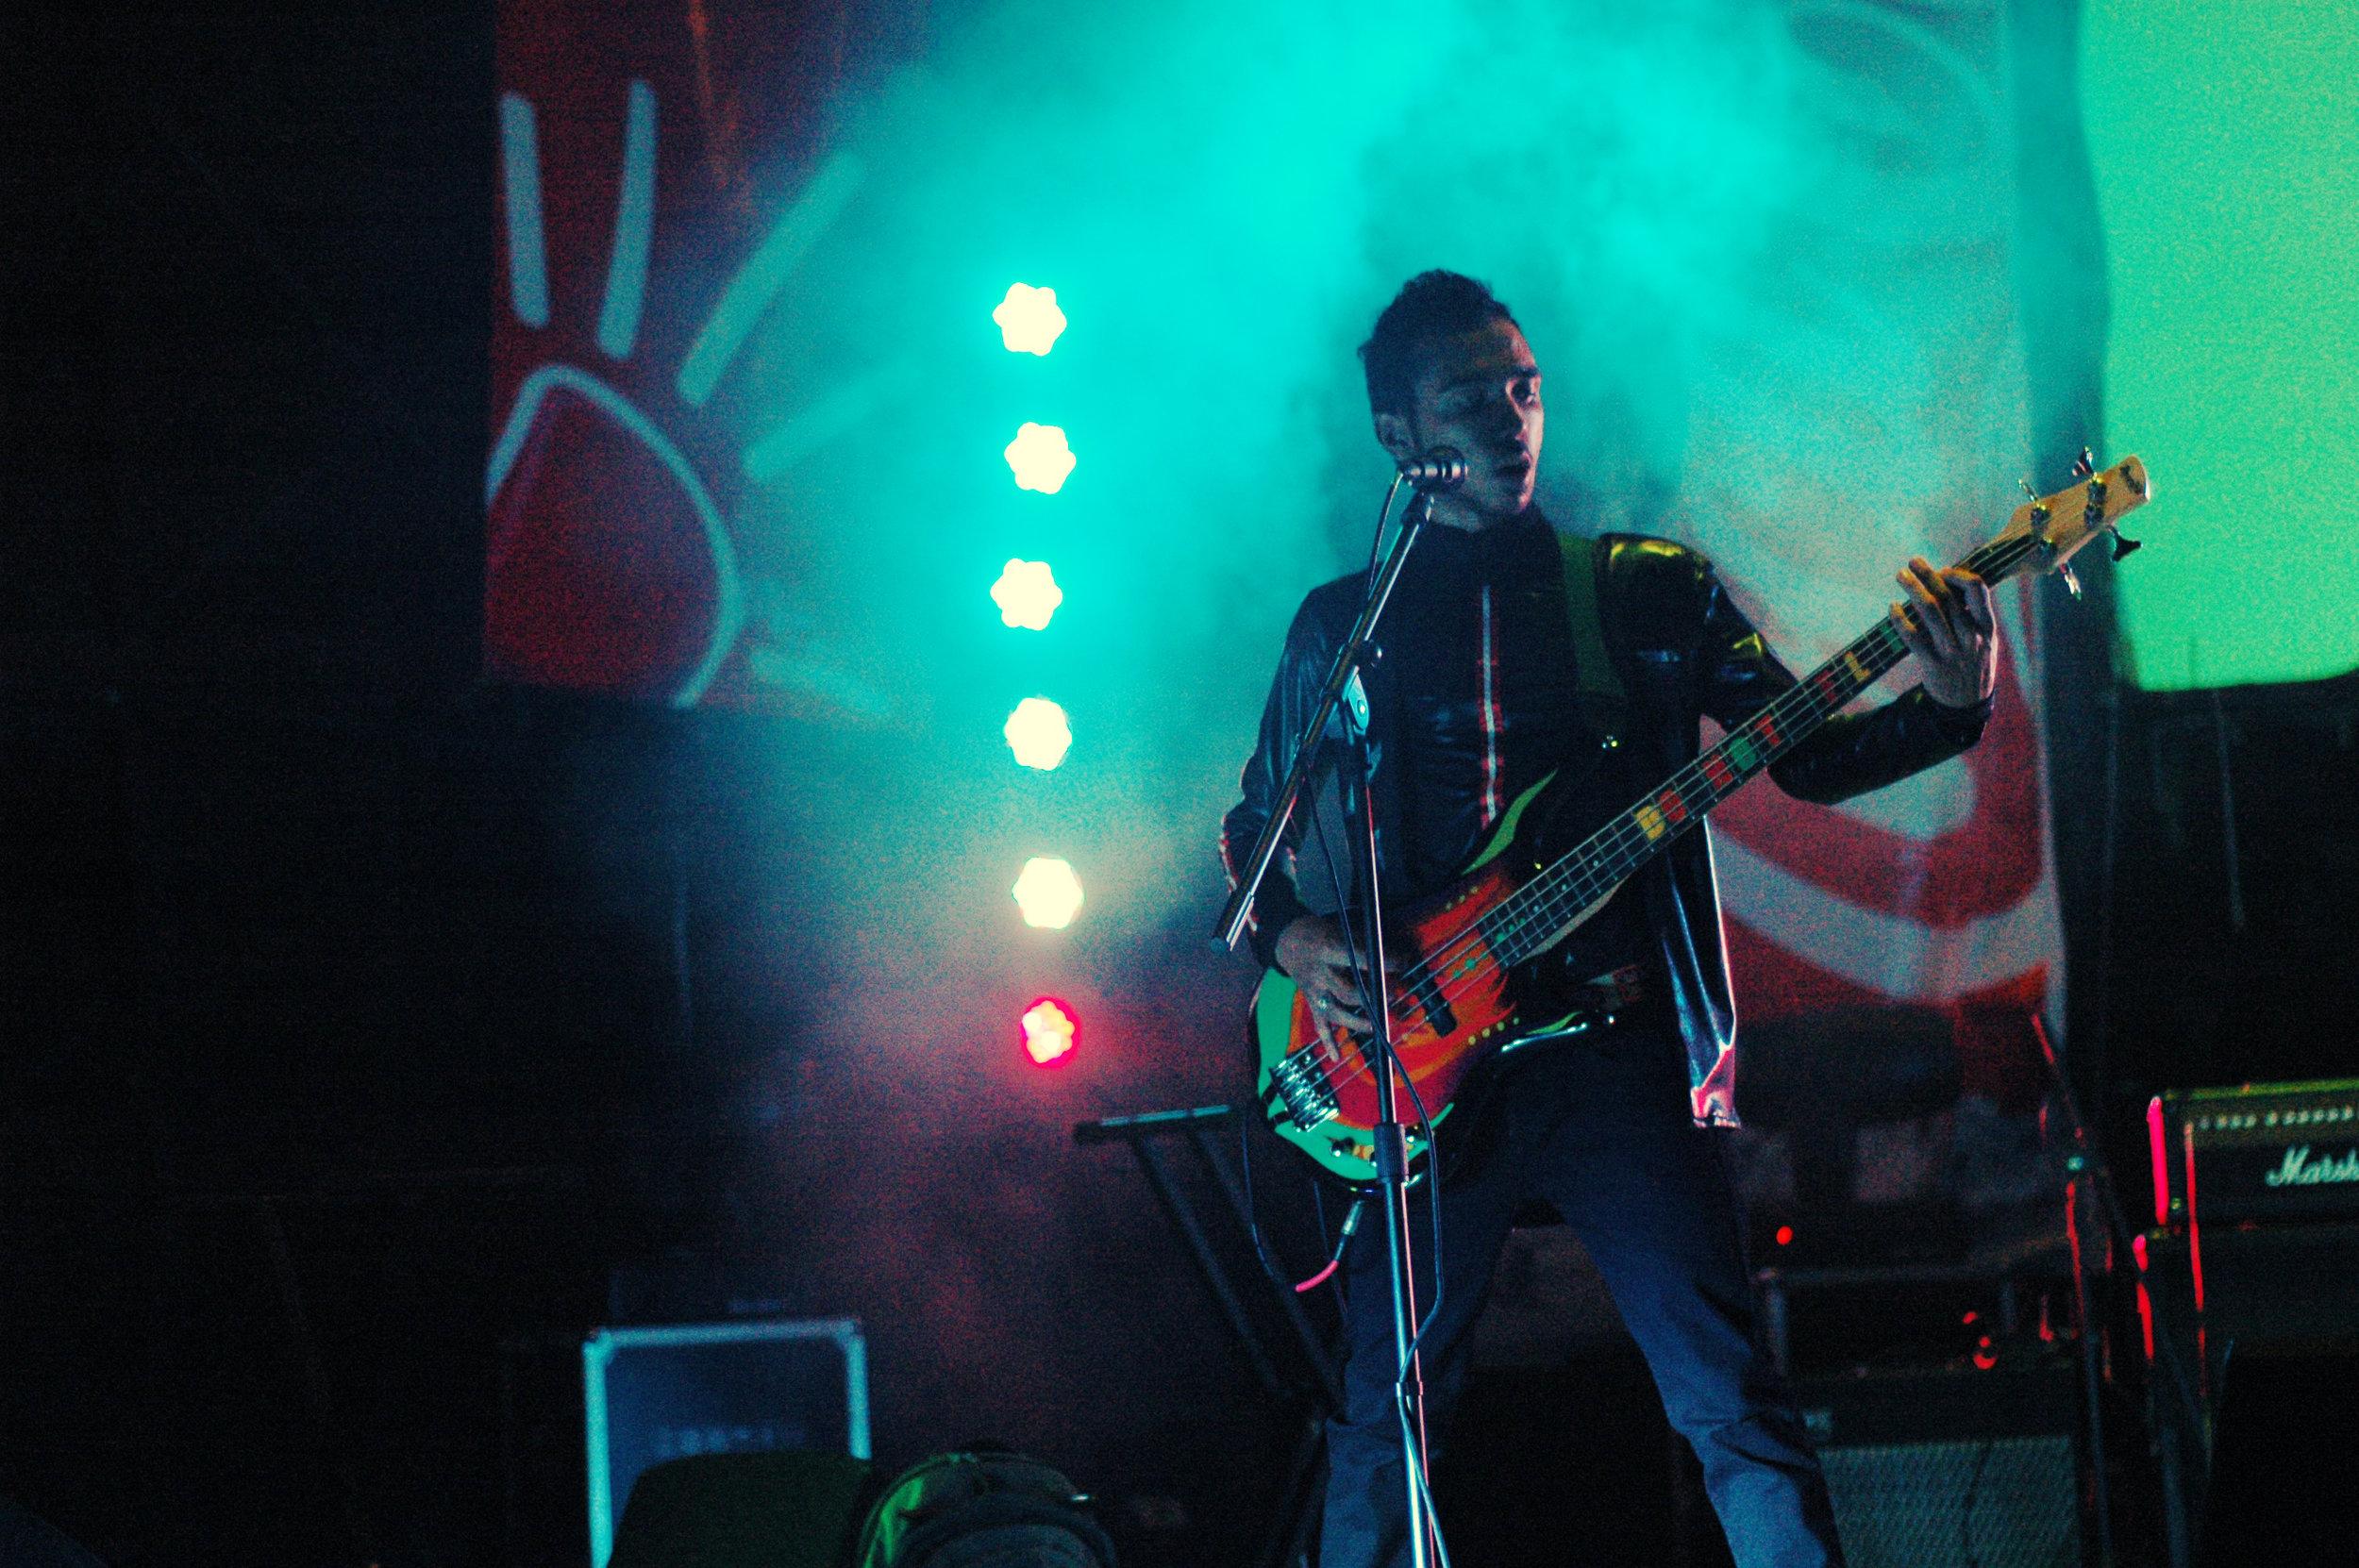 2009-12-11 - Male' City - Breakout Festival - D70s -  - Rock Paper Scissors (9).jpg